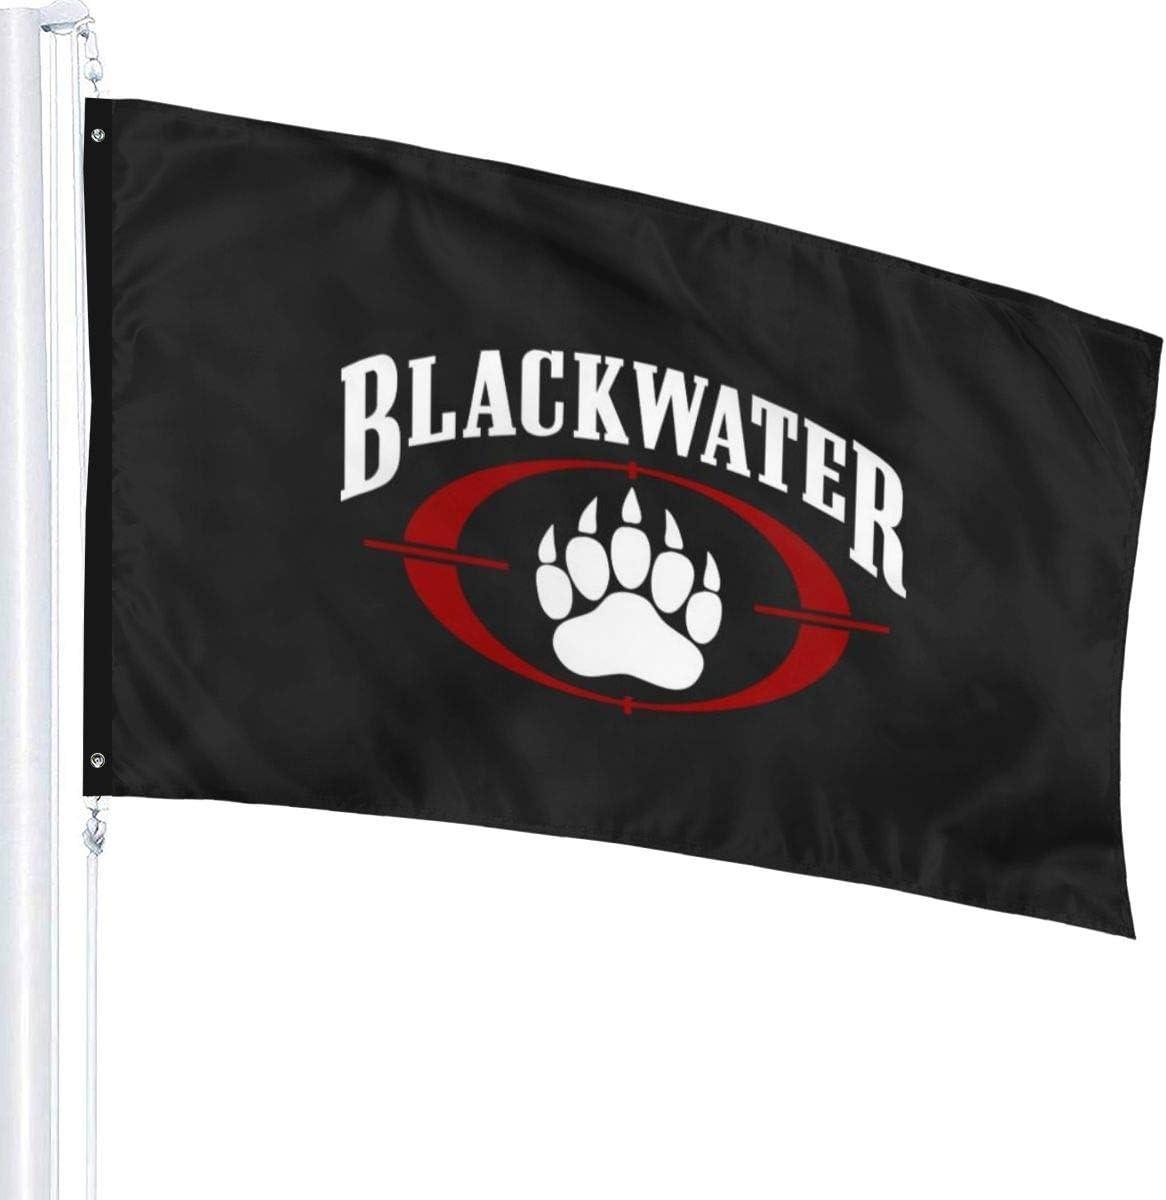 N//D Blackwater Armee-Flagge 91 x 152 cm lang/ärmelig